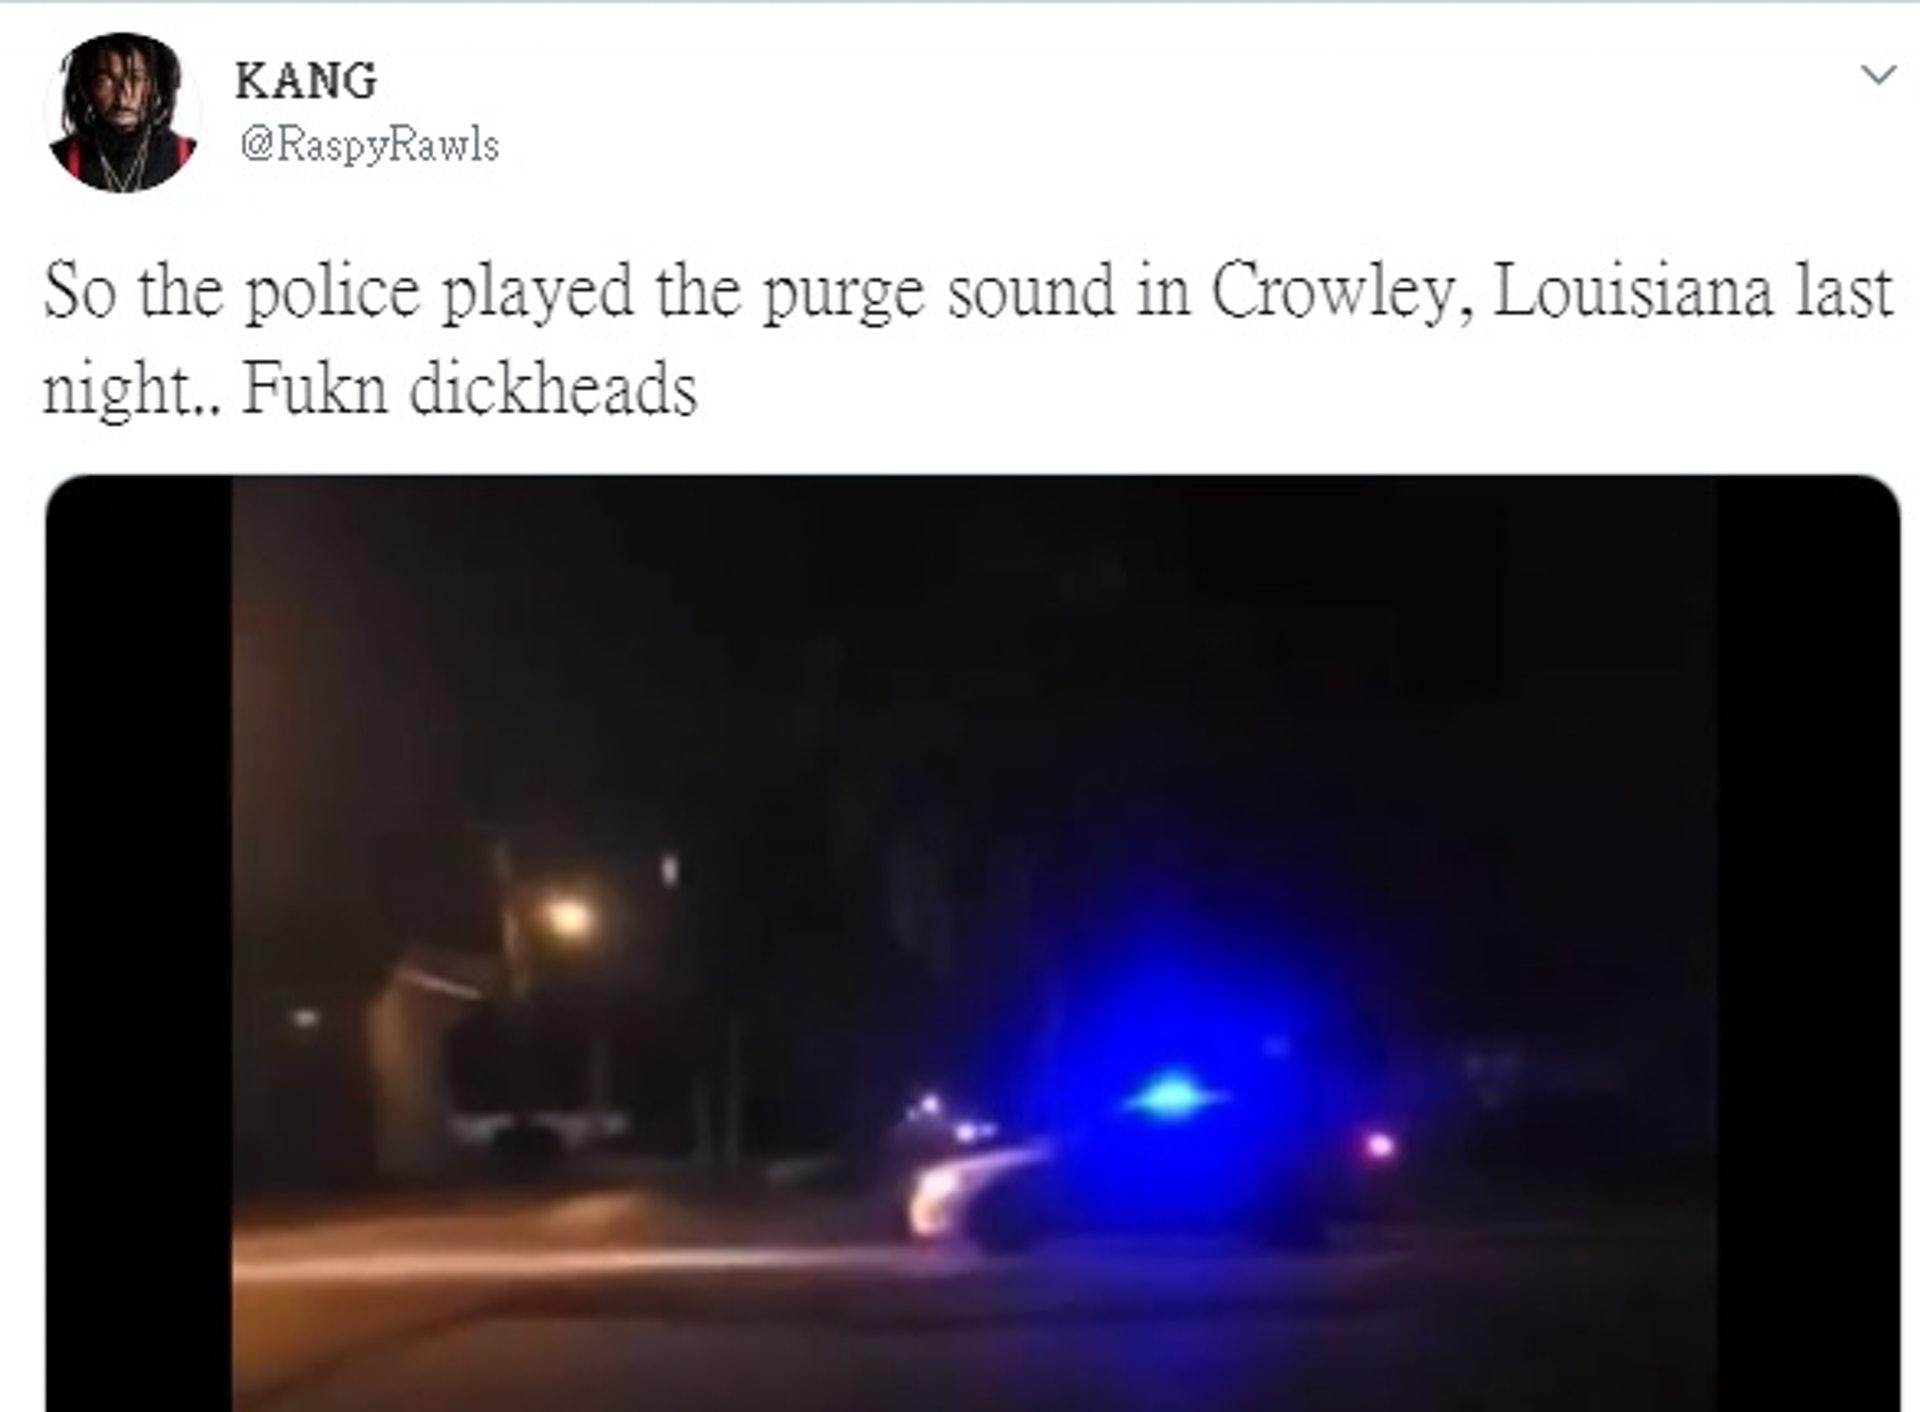 有網民上載事發短片,爆粗鬧爆克羅利警察局的手法。(RaspyRawls Twitter 擷圖)